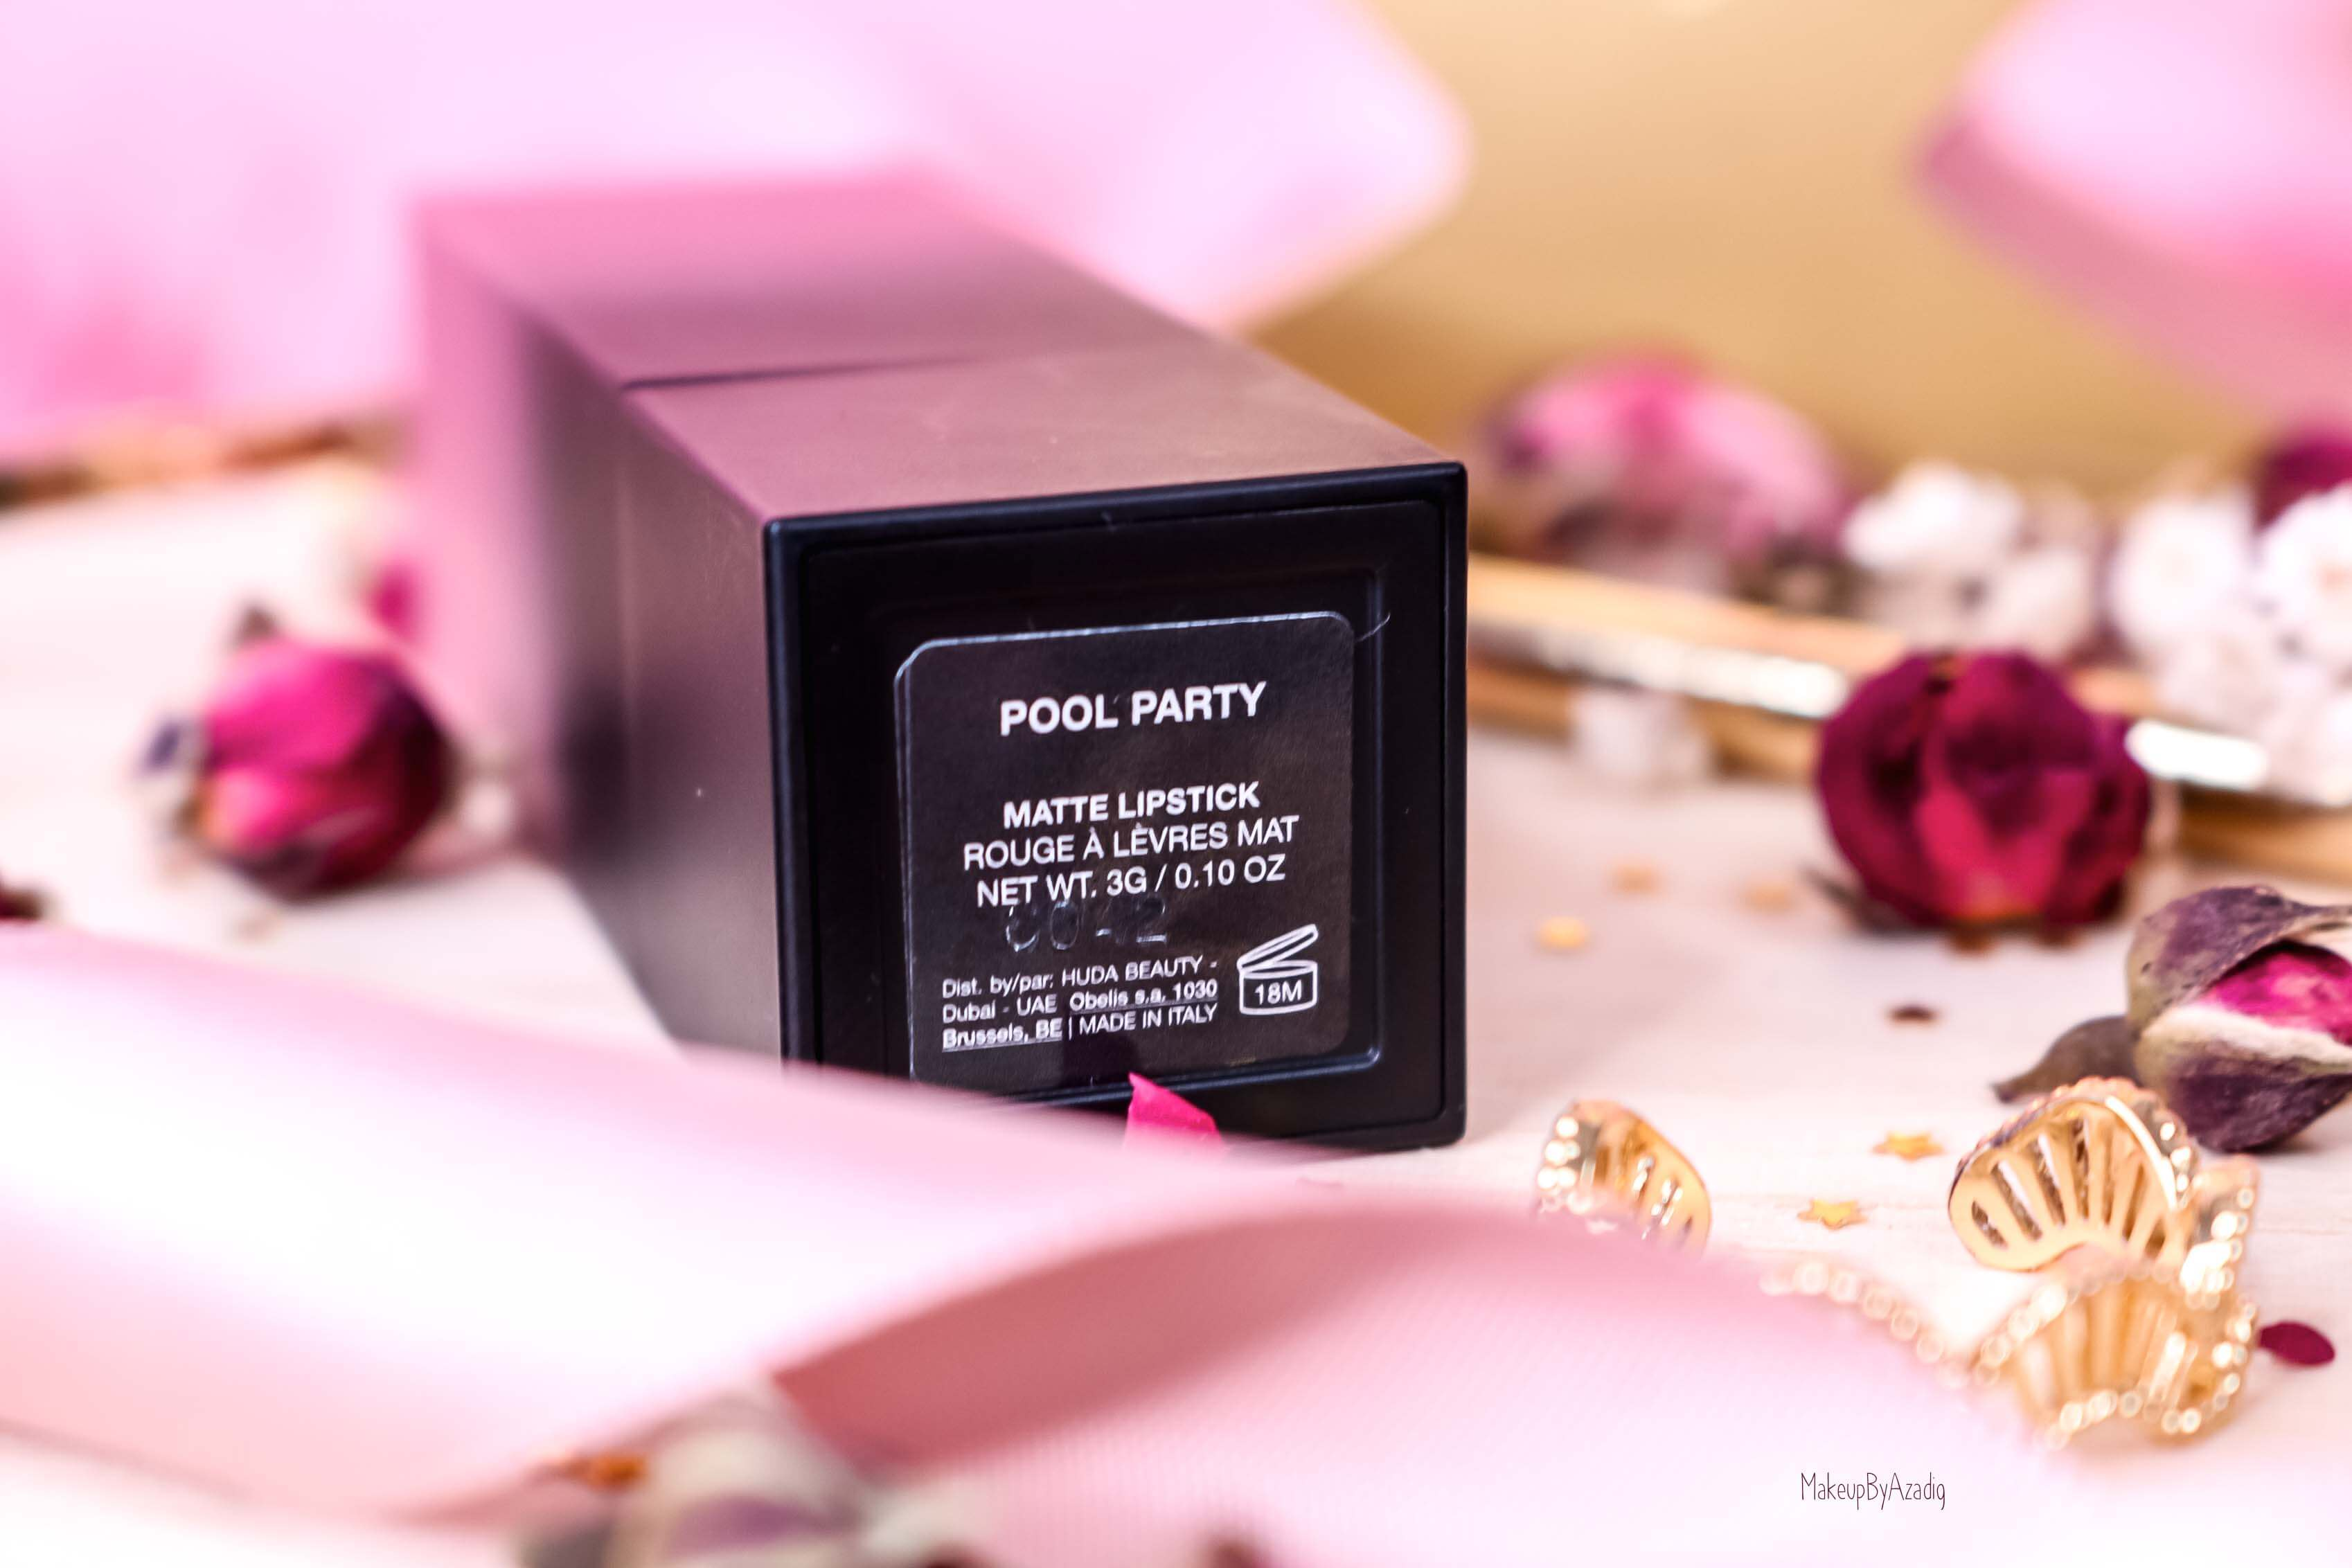 revue-rouge-a-levres-matte-power-bullet-huda-beauty-nouvelles-teintes-avis-swatch-prix-sephora-makeupbyazadig-pool-party-mat